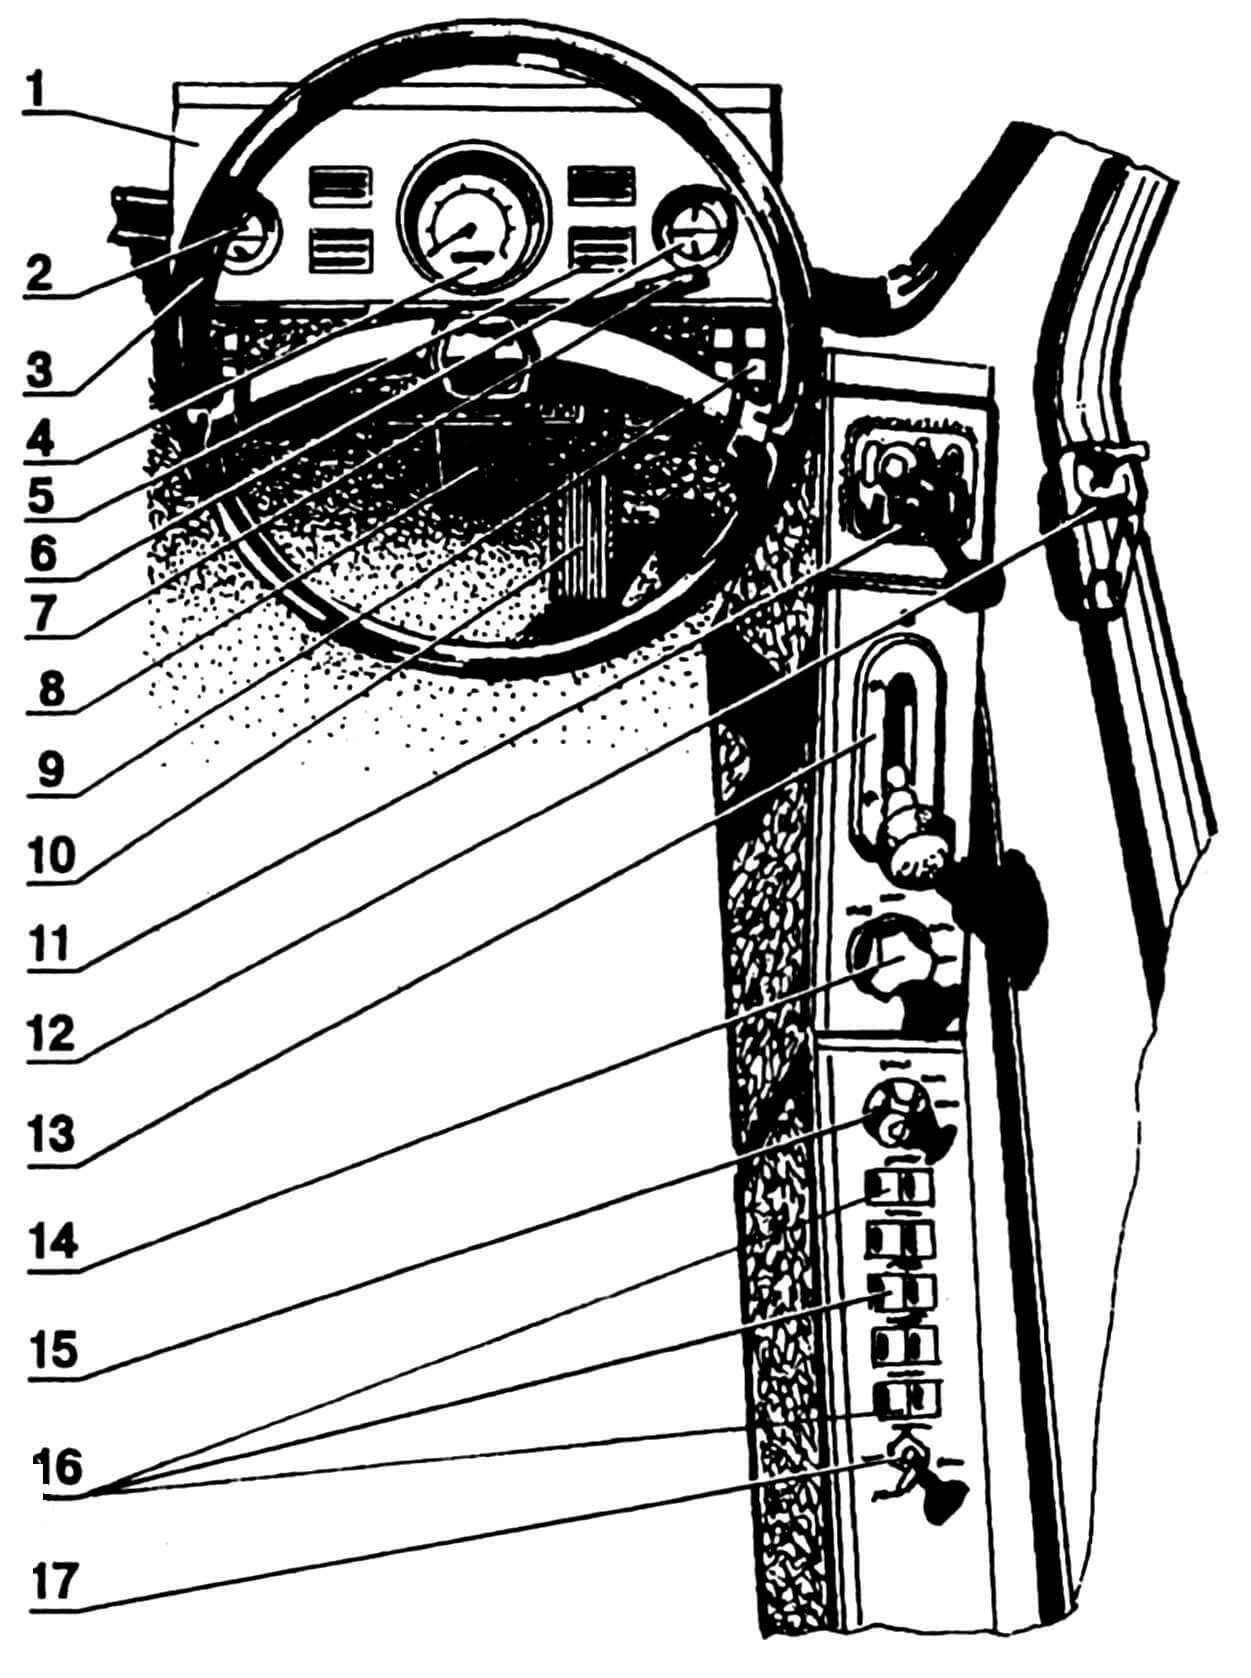 Панель приборов и органов управления: 1 — корпус панели приборов, 2,6 — приборы комбинированные (ø 80), 3 — колесо рулевое, 4 — спидометр или тахограф (ø140), 5 — блок контрольных ламп, 7 — переключатель комбинированный, 8 — колонка рулевая, 9 — кнопки открывания-закрывания дверей, 10 — педаль «газа » (педаль тормоза иногда смещена вправо от рулевой колонки), 11 — рычаг управления коробкой передач, 12 — замок открывания форточки, 13 — тормоз стояночный, 14 — управление стеклоочистителями, 15 — переключатель света главный, 16 — клавиши управления освещением и отоплением, 17 — замок зажигания.